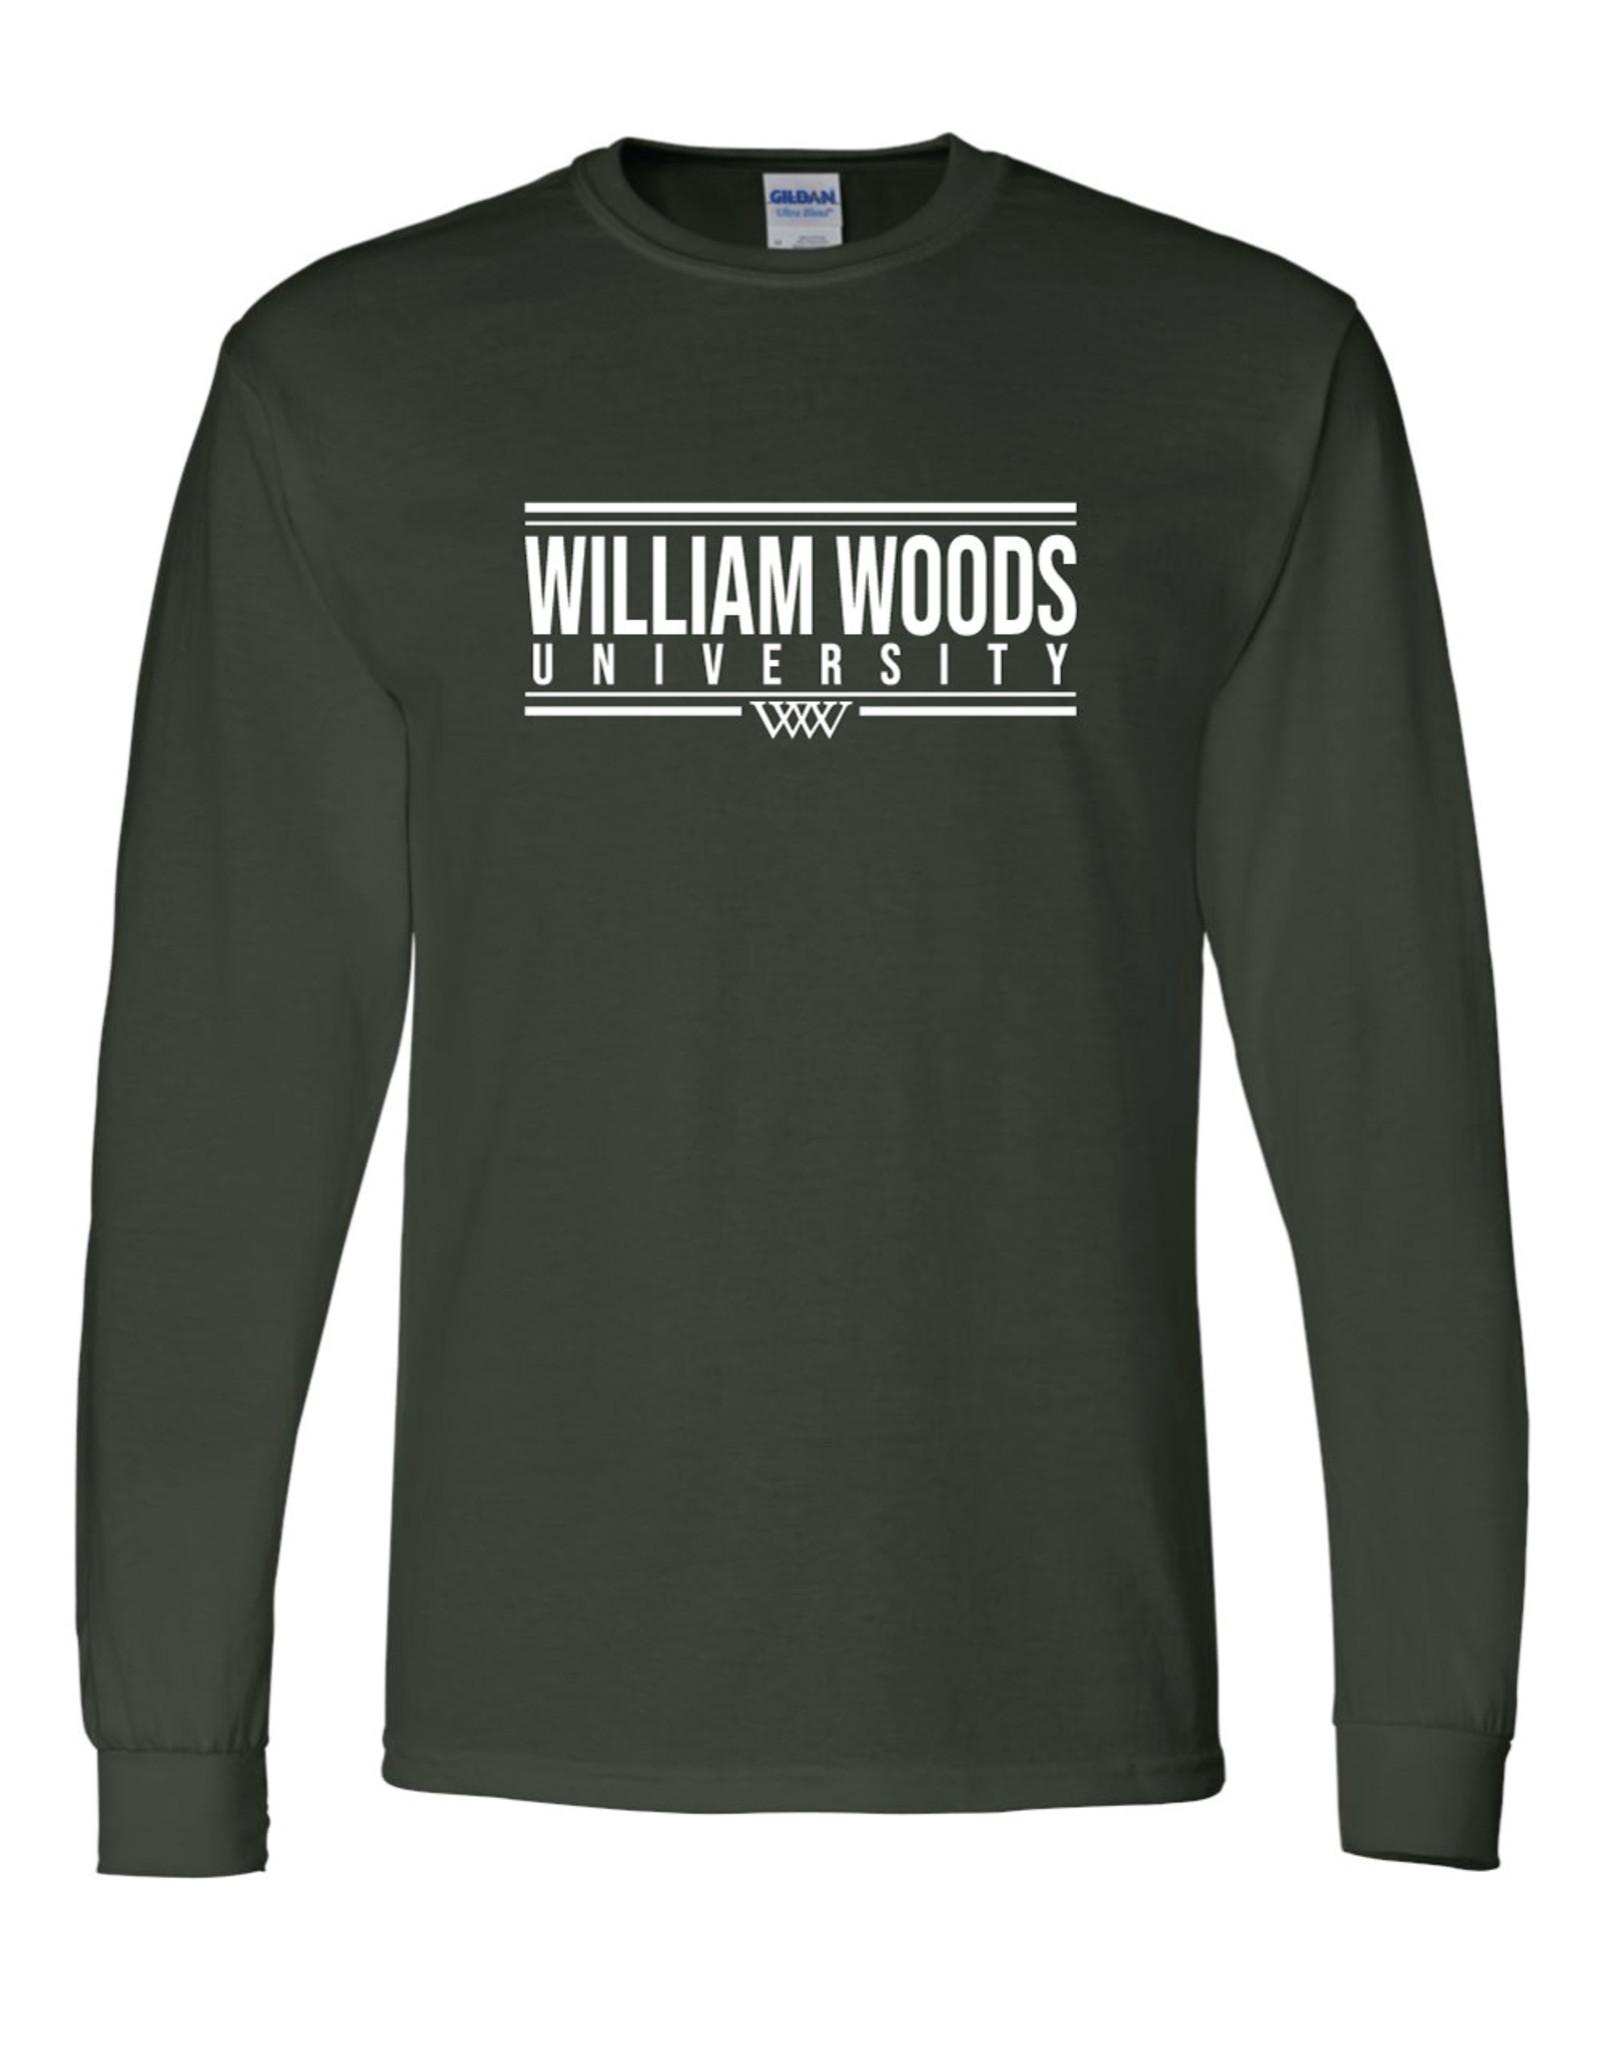 WILLIAM WOODS 50/50 LS Tee